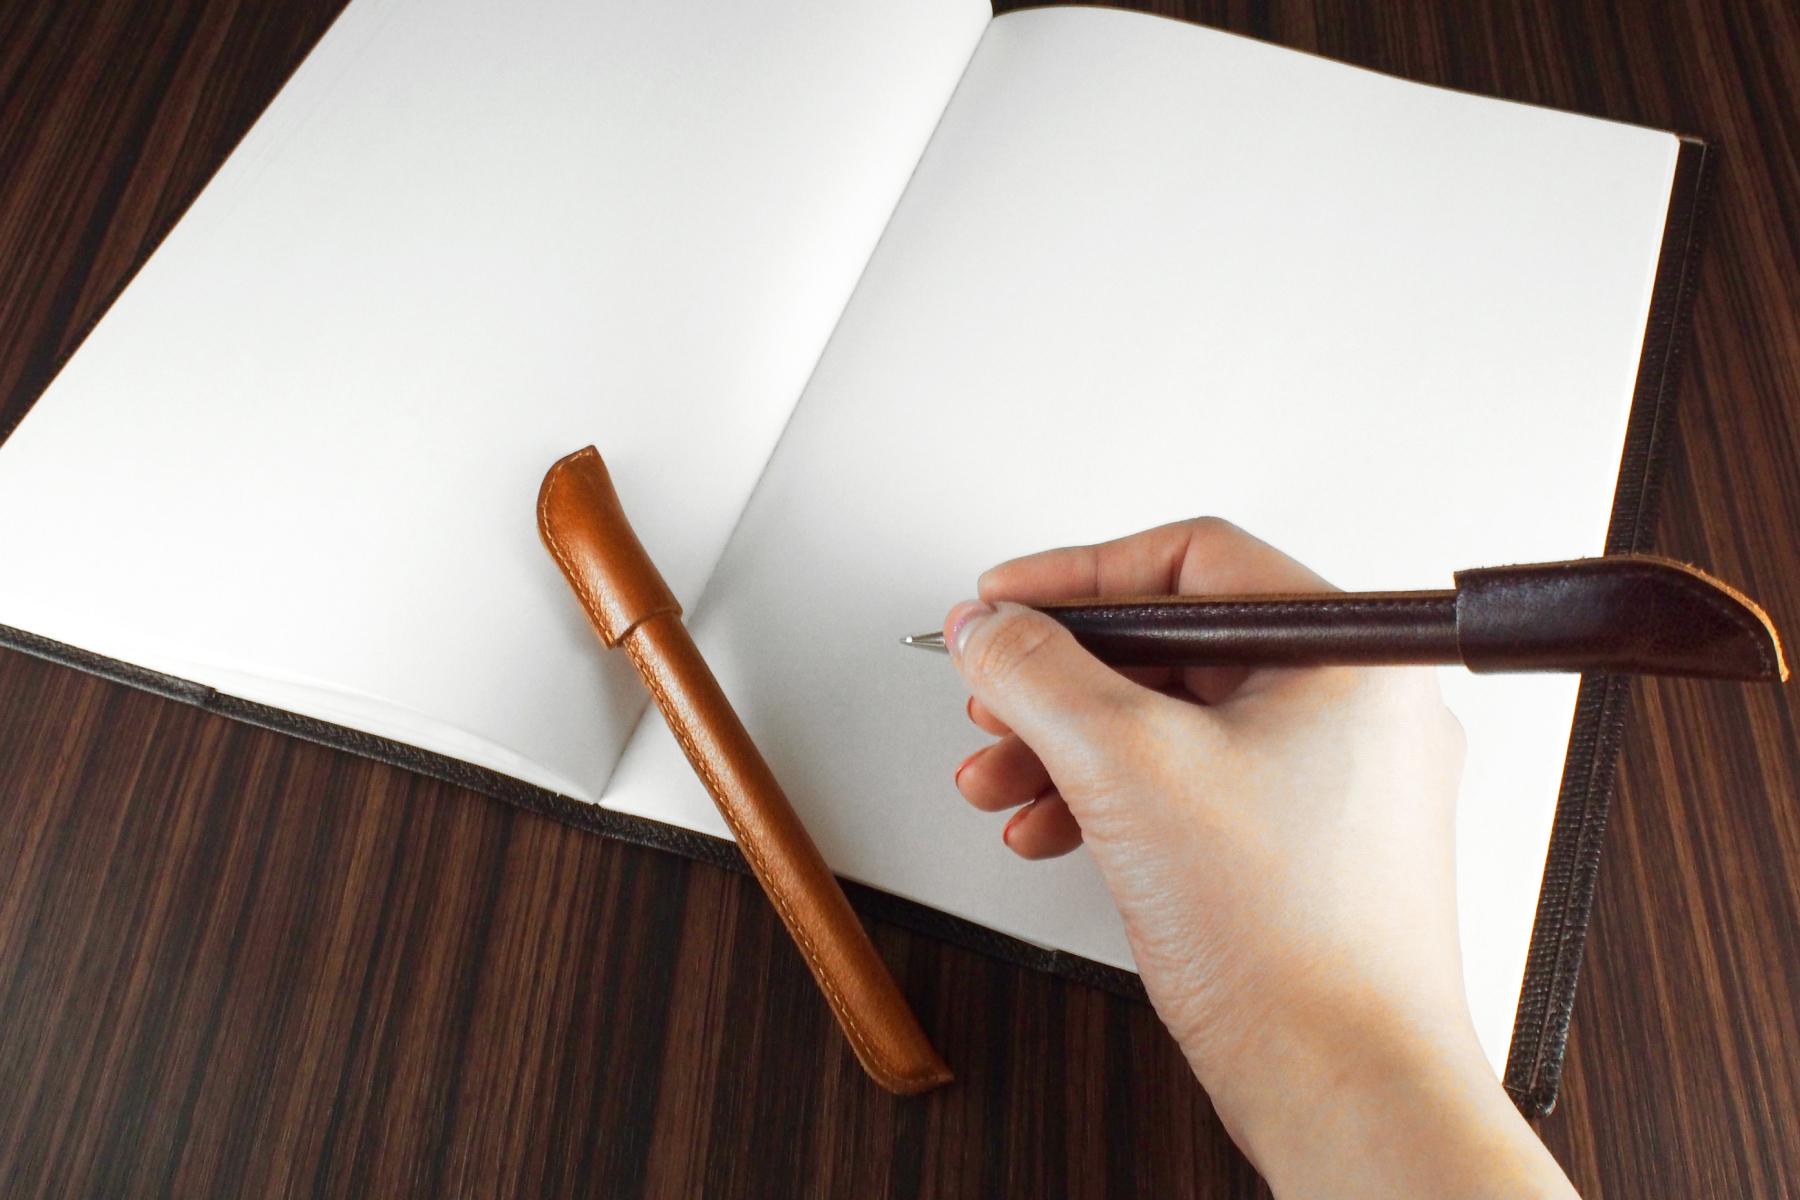 革巻きボールペンを使用したイメージ